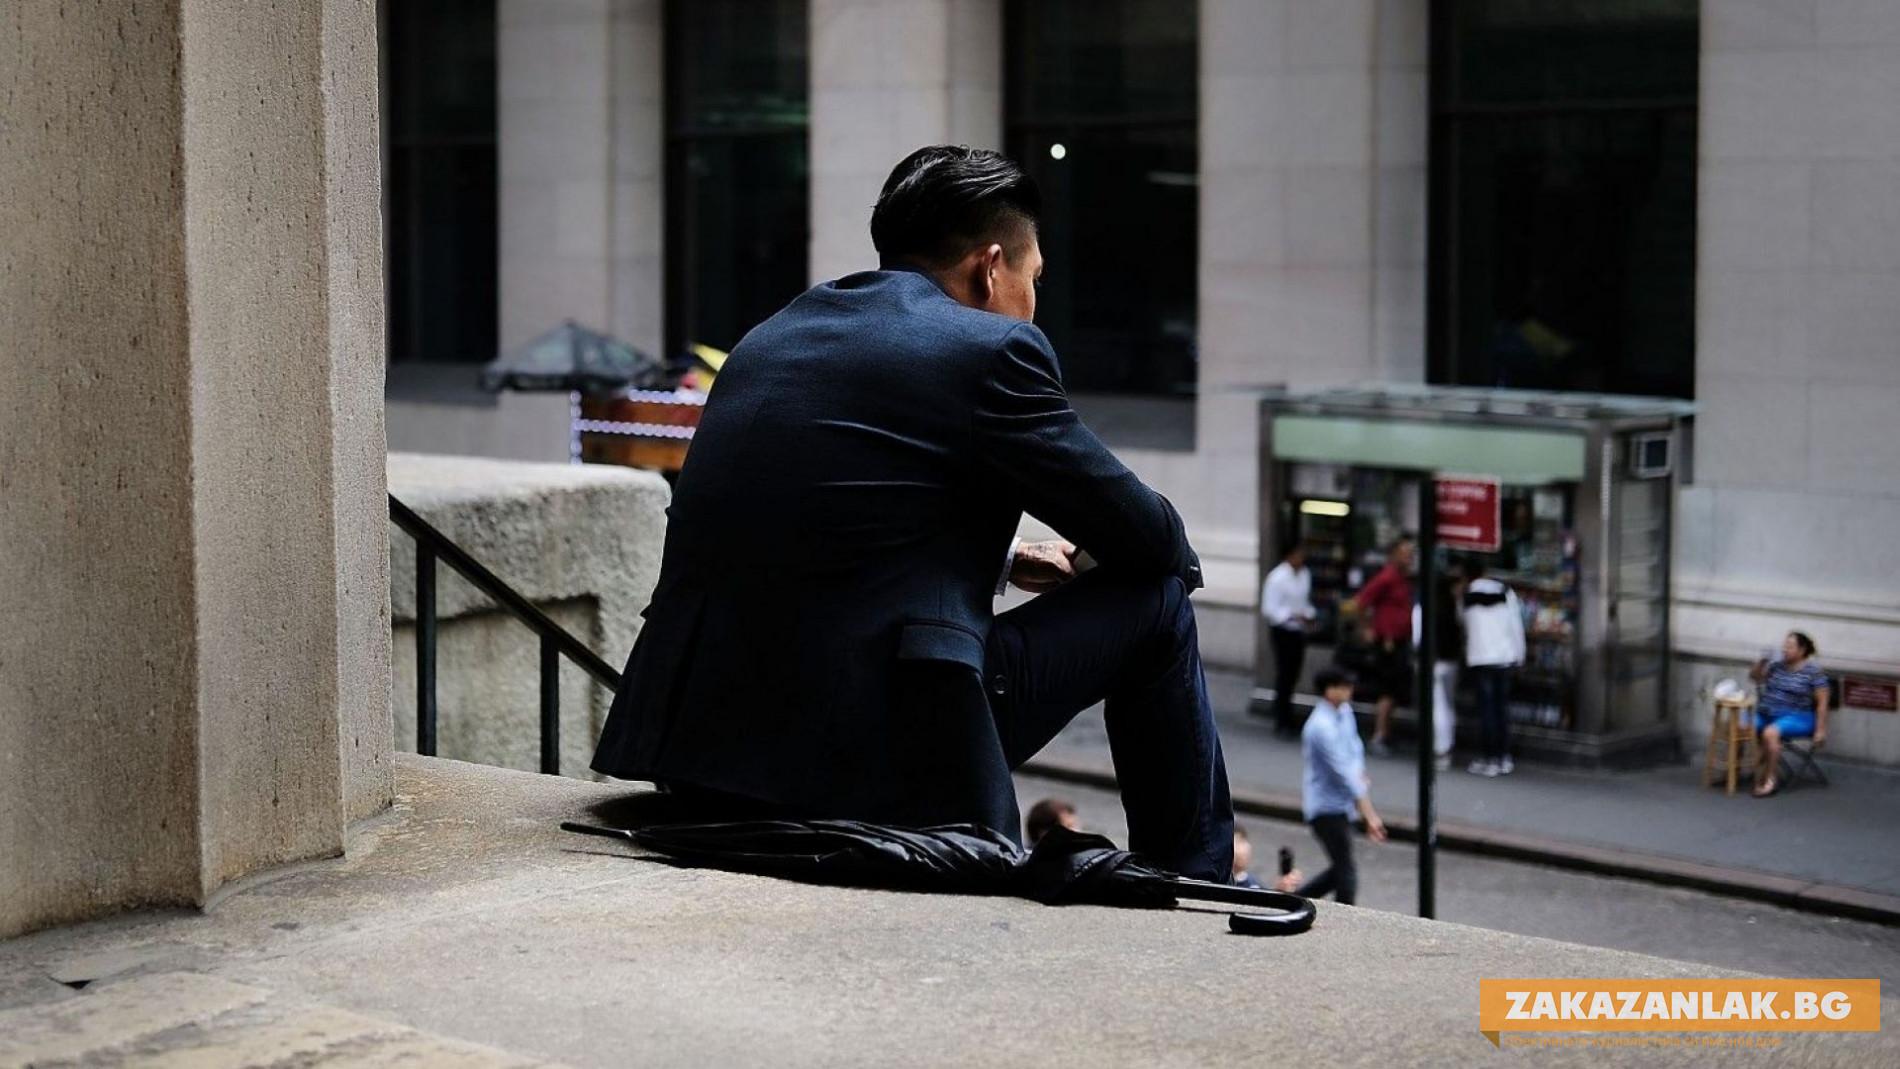 Икономисти: Не харчете повече, отколкото  получавате в момента